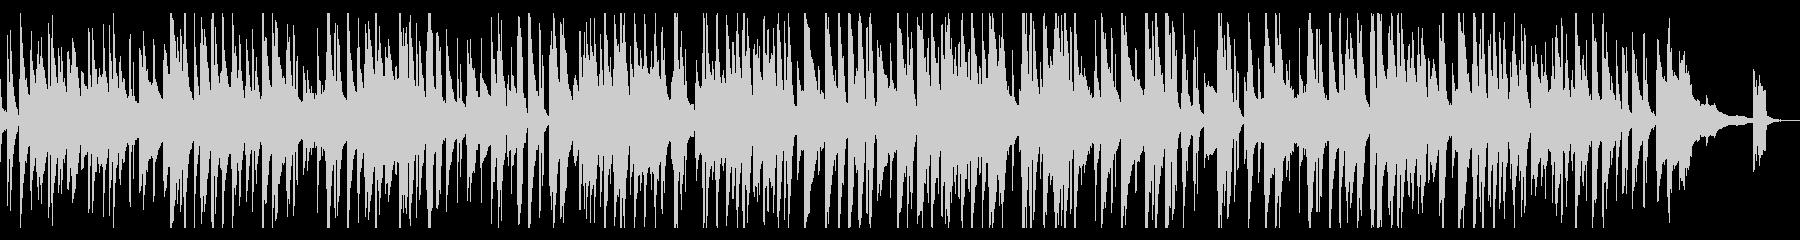 落ち着きのあるjazzピアノトリオの未再生の波形